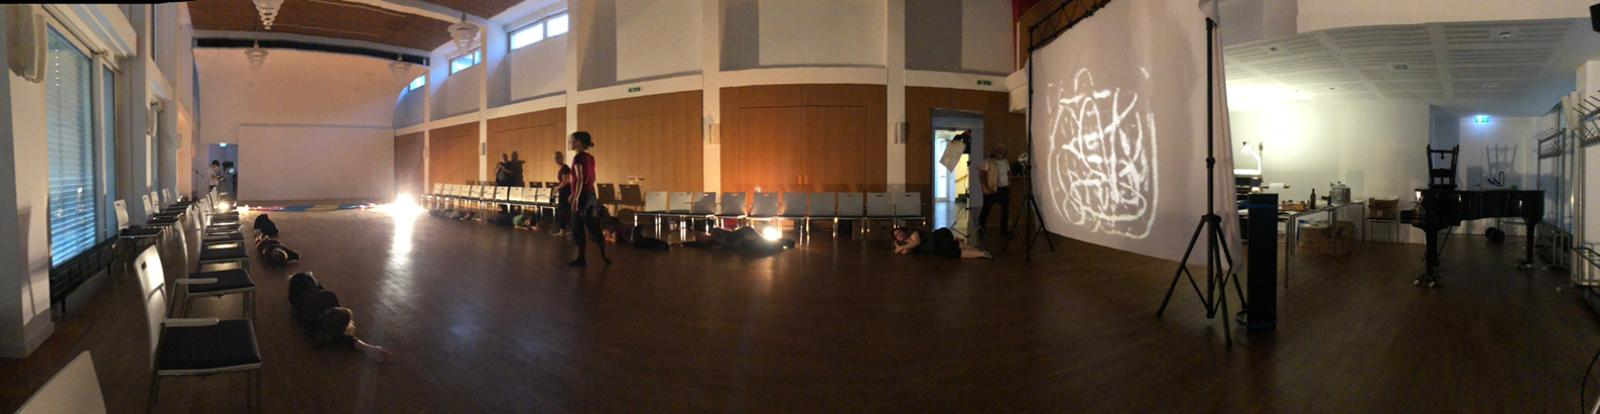 First Rehearsal in the Friedrich Naumann Saal